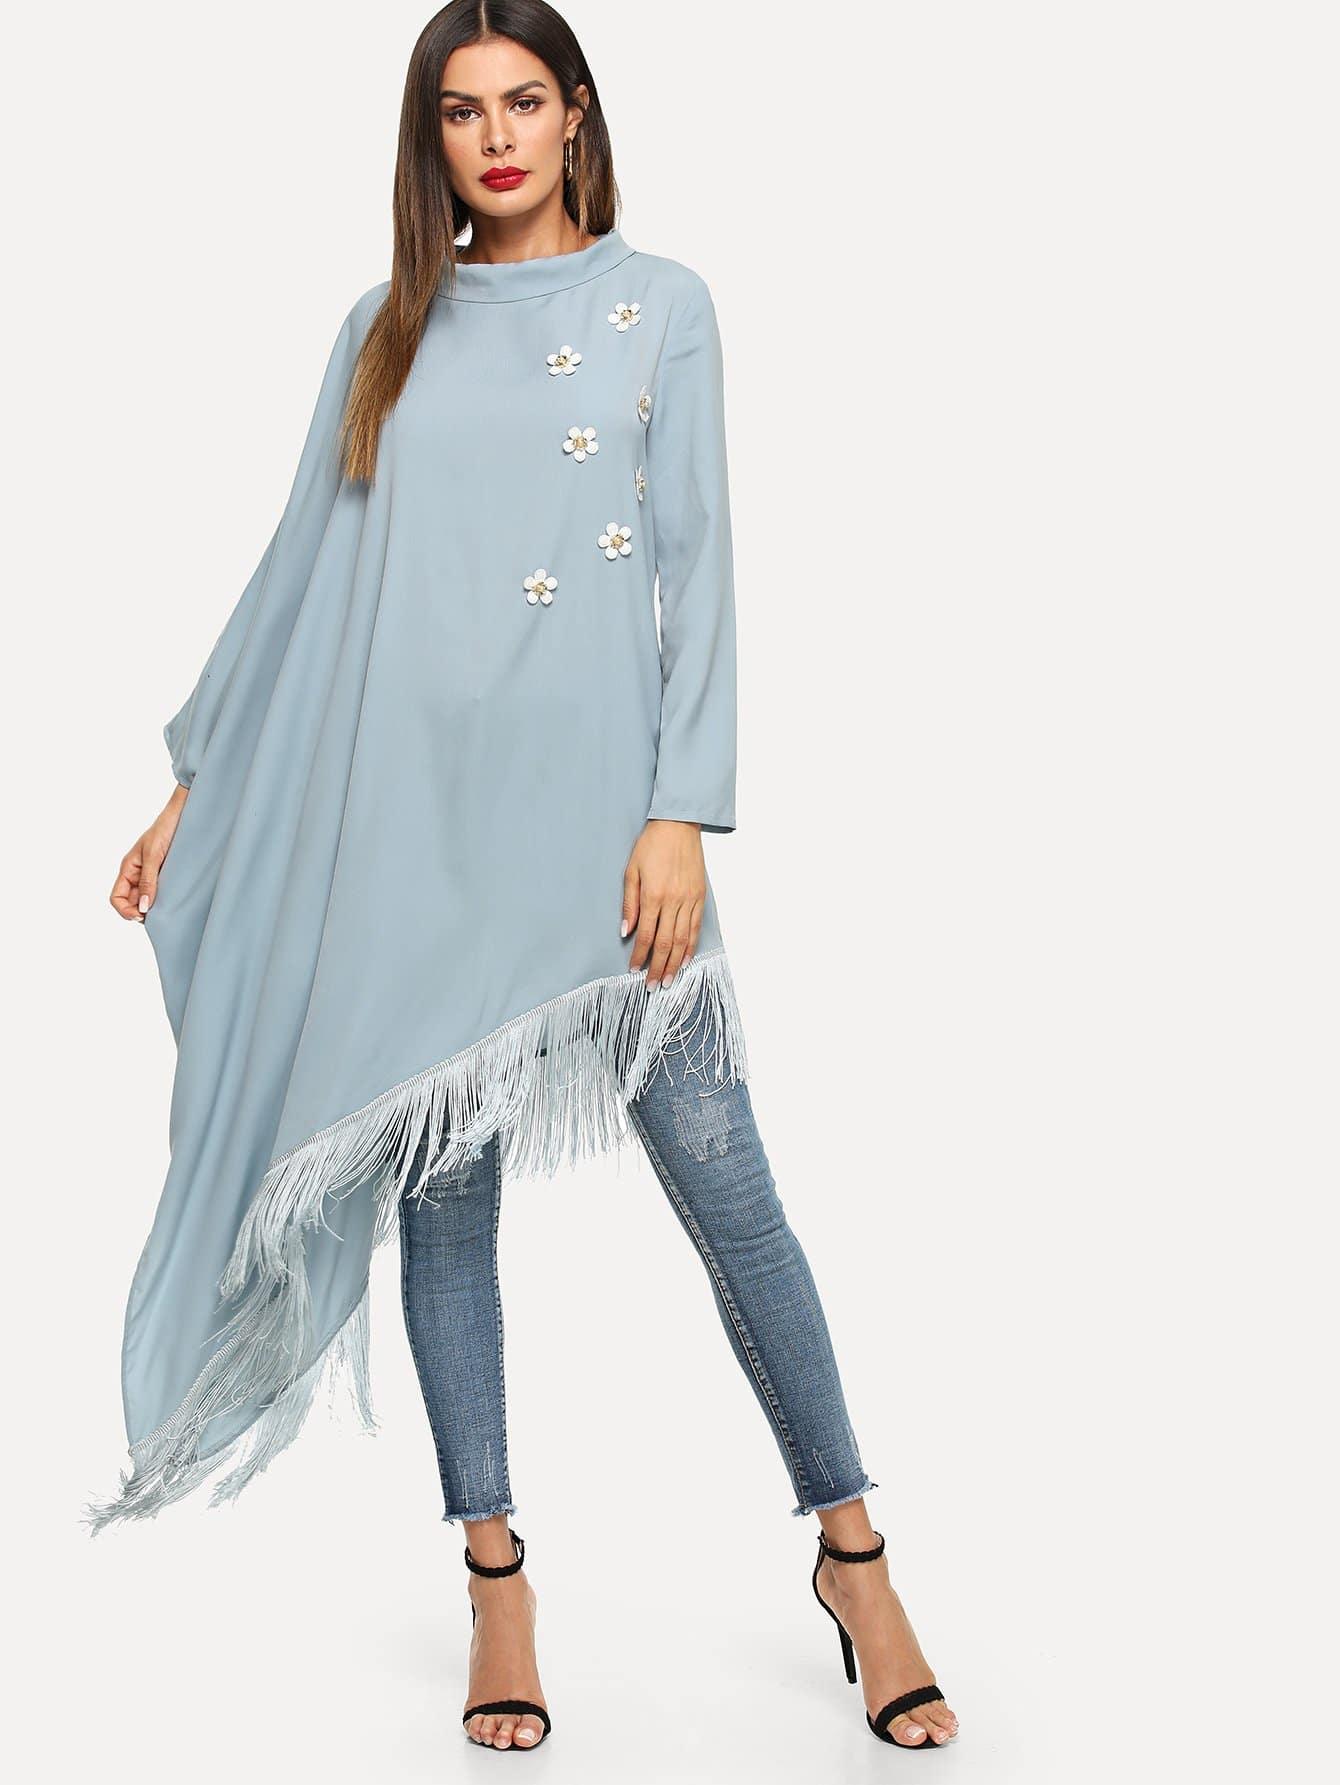 Asymmetrisches Hijab Kleid mit Blumen und Fransen auf dem Saum